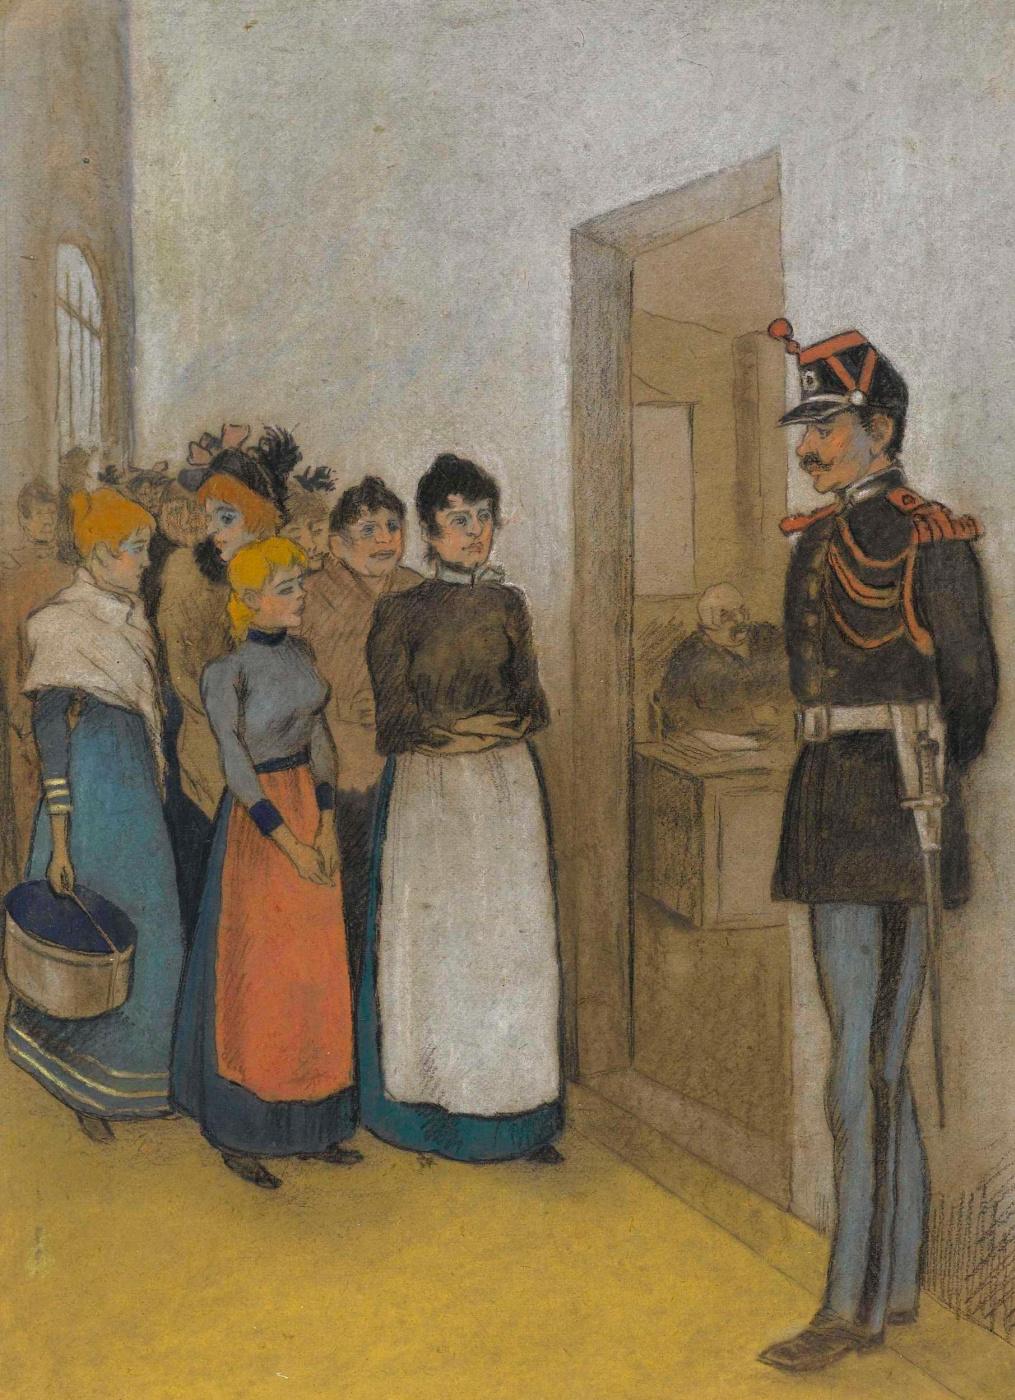 Theophile-Alexander Steinlen. Prison Saint-Lazare: visit